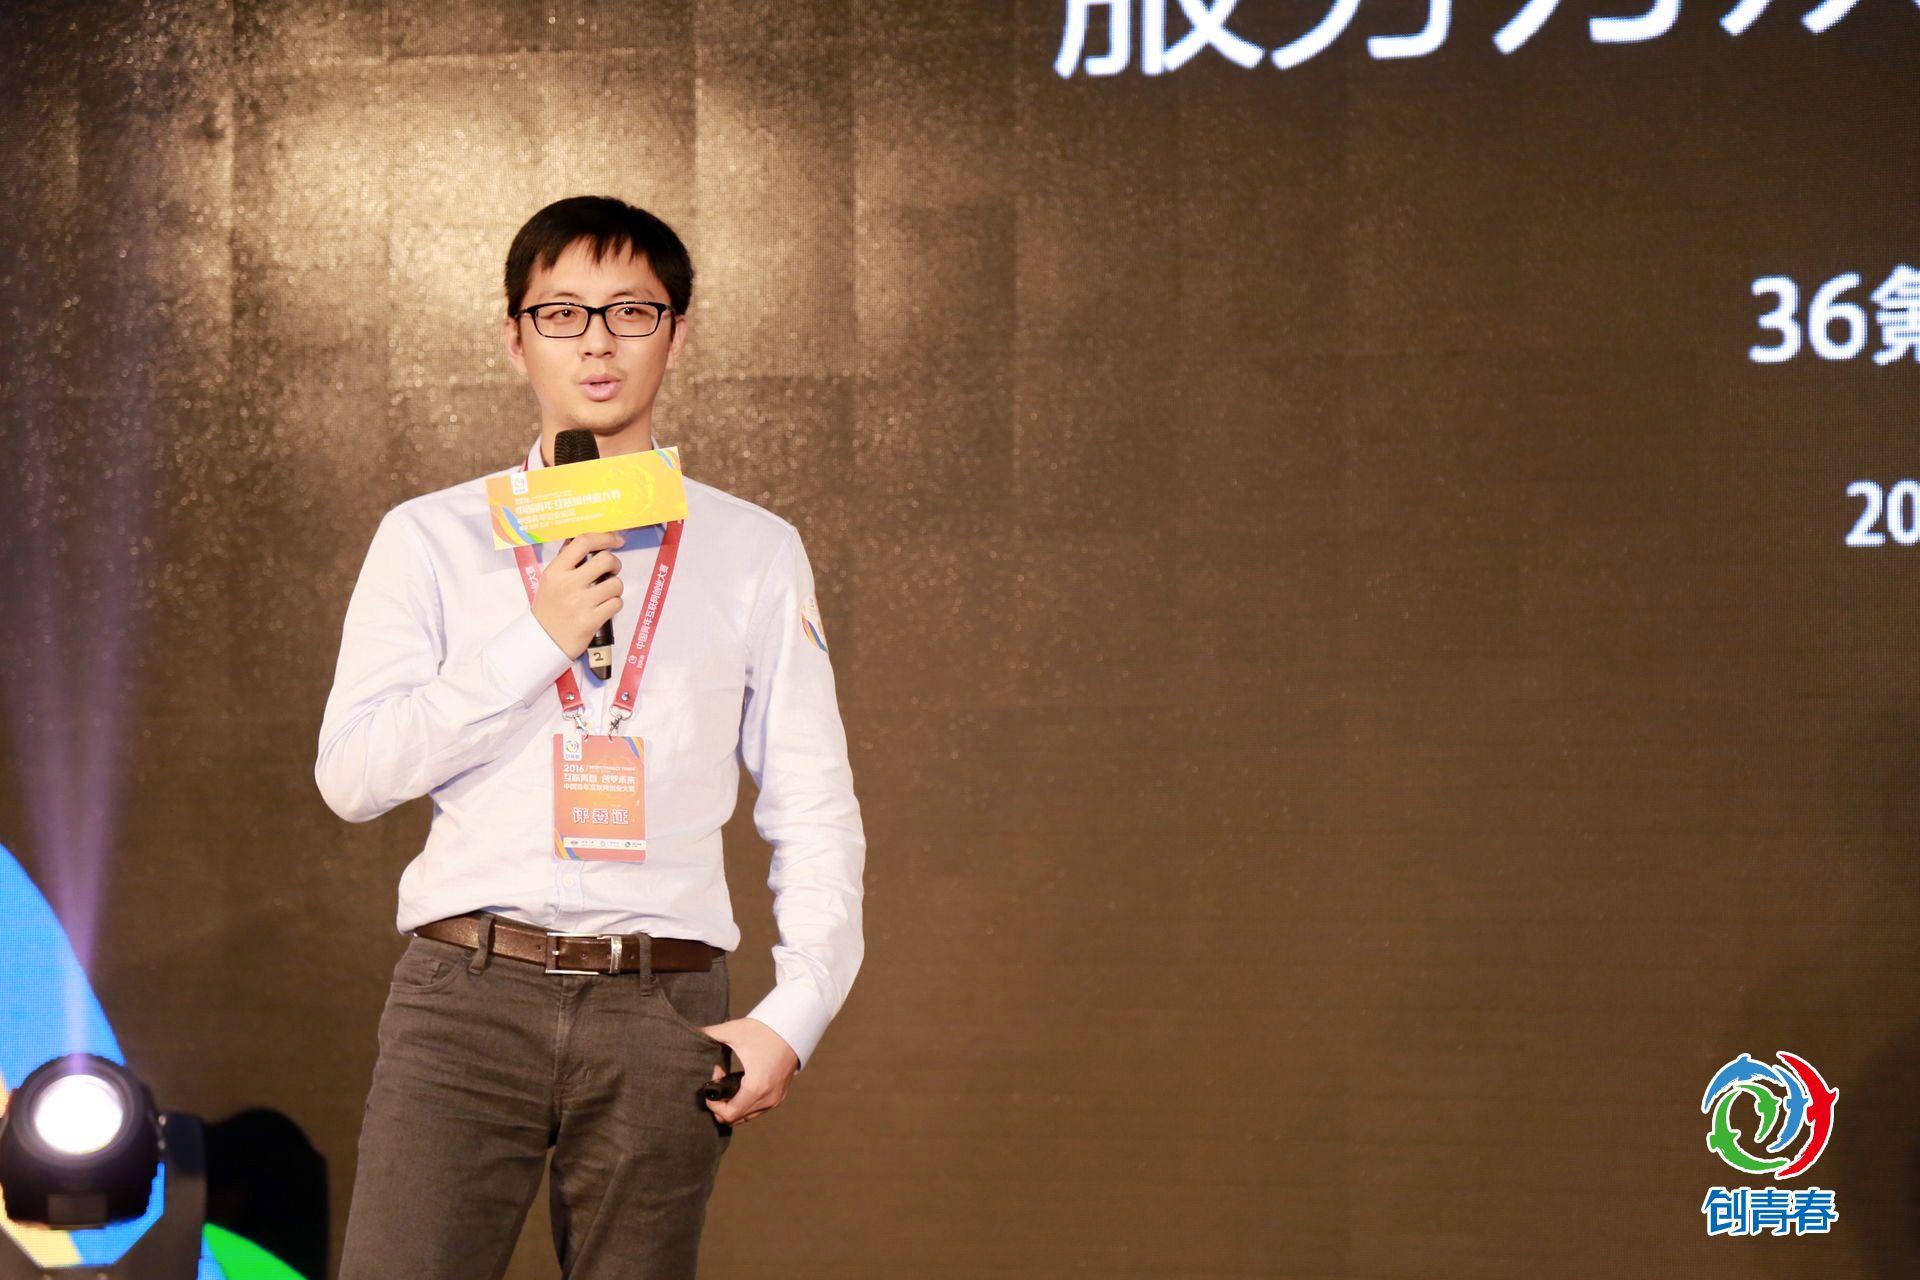 36氪CEO刘成城:创业大环境变化  36氪完成四个业务分割